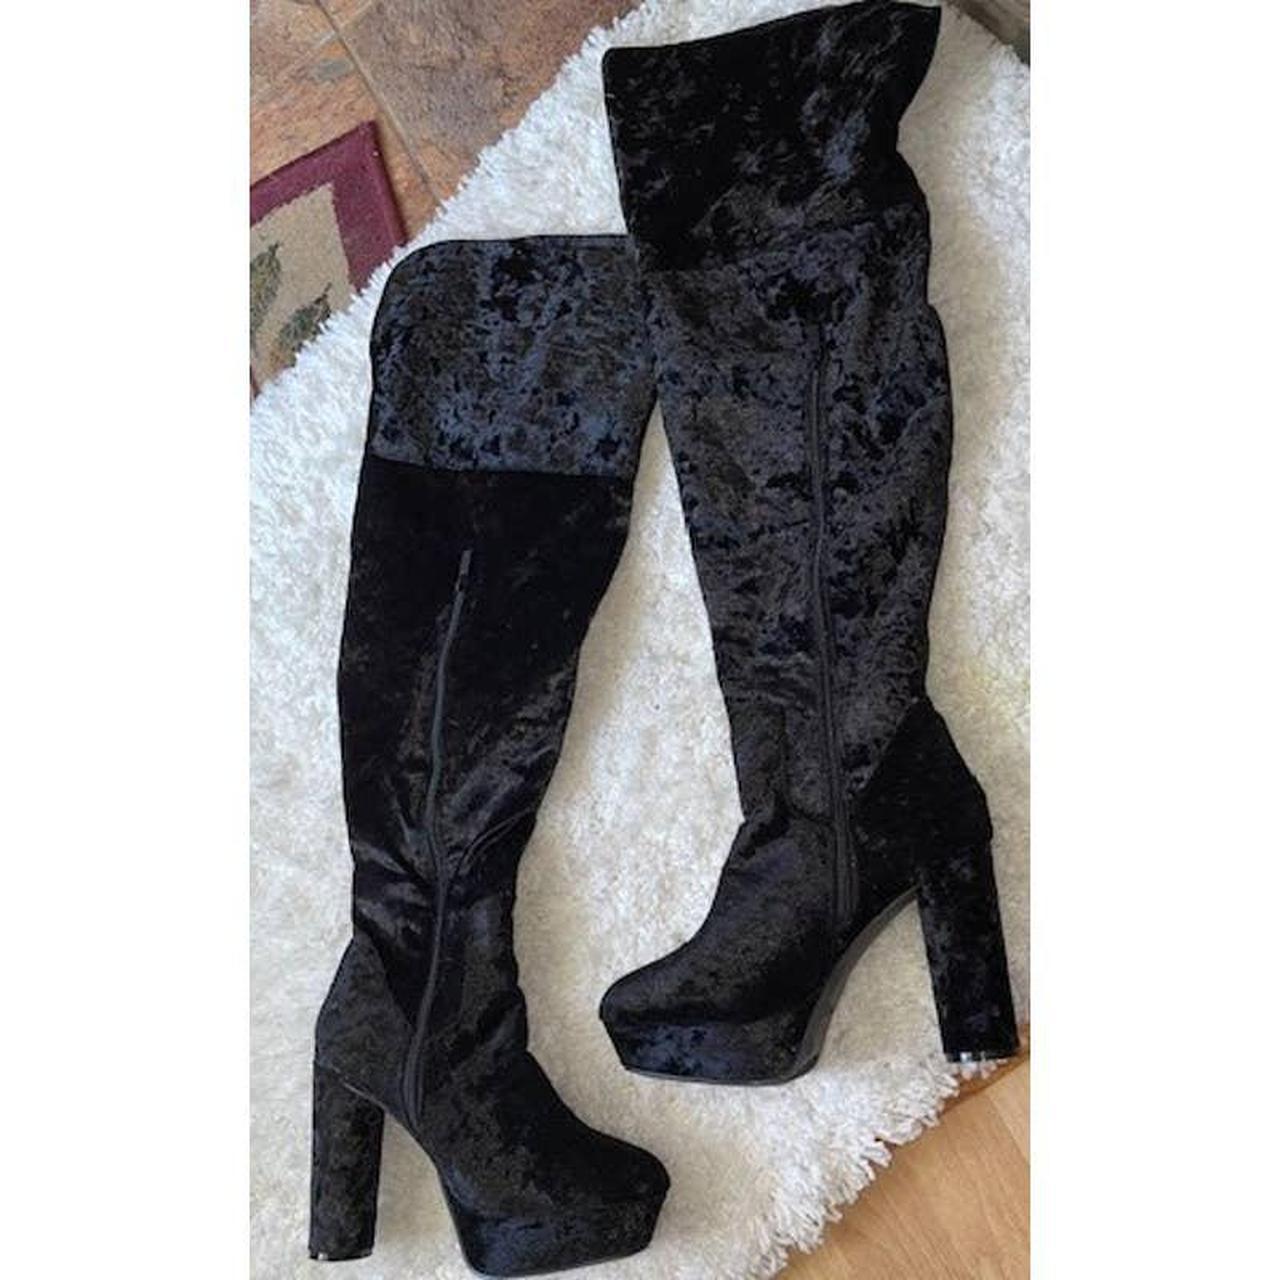 Product Image 1 - Never worn  Black velvet